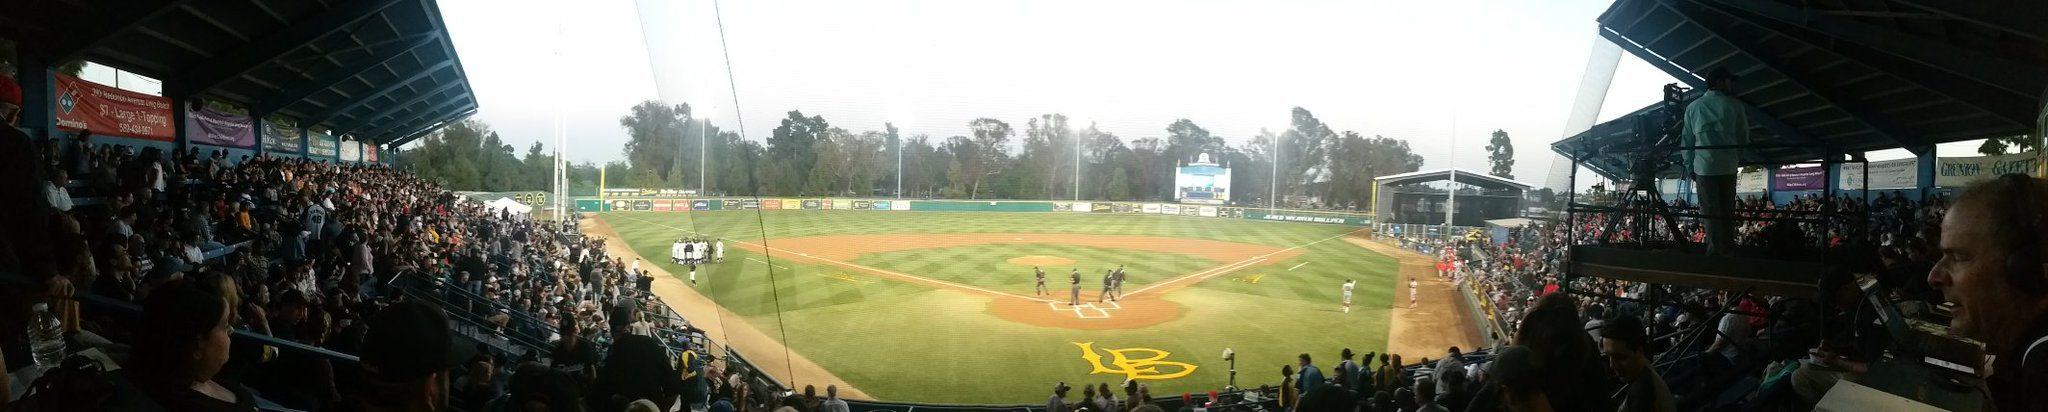 Blair Field, Long Beach State